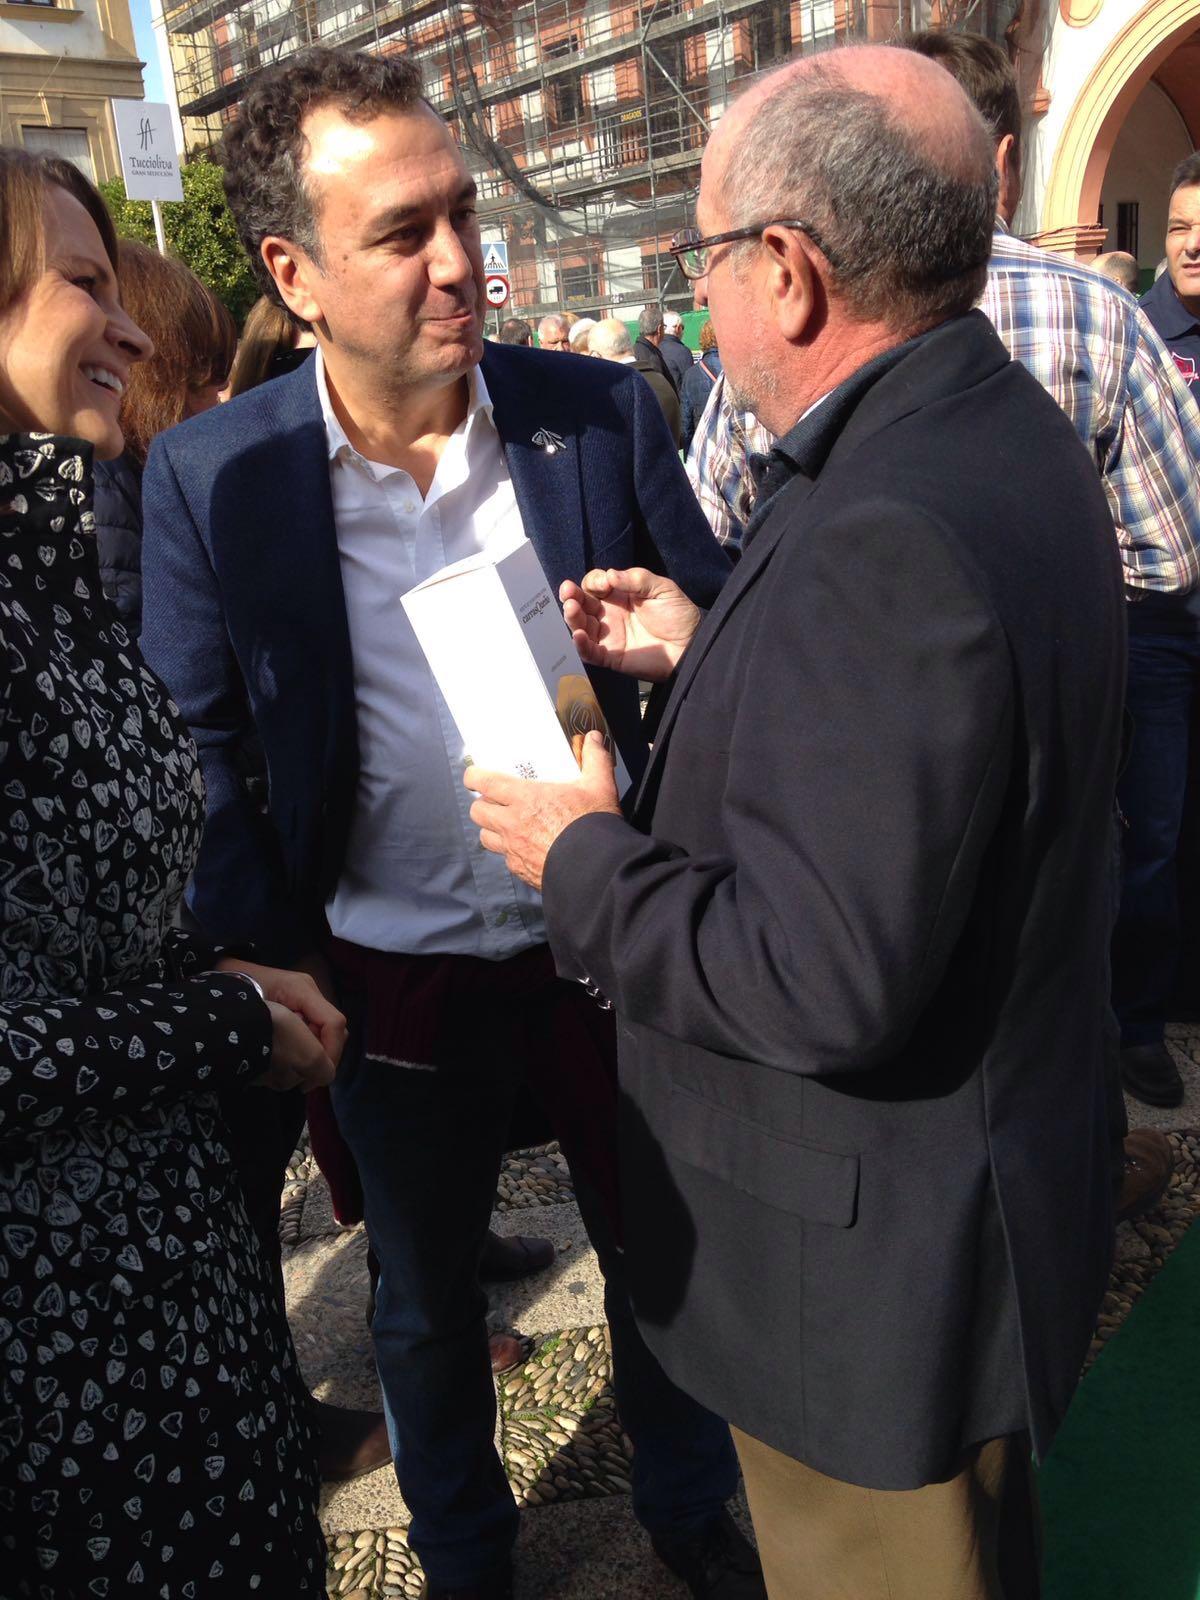 Nuestro presidente Fernando Gómez muestra al presentador Roberto Brasero el excelente AOVE Carrasqueño Gran Selección.